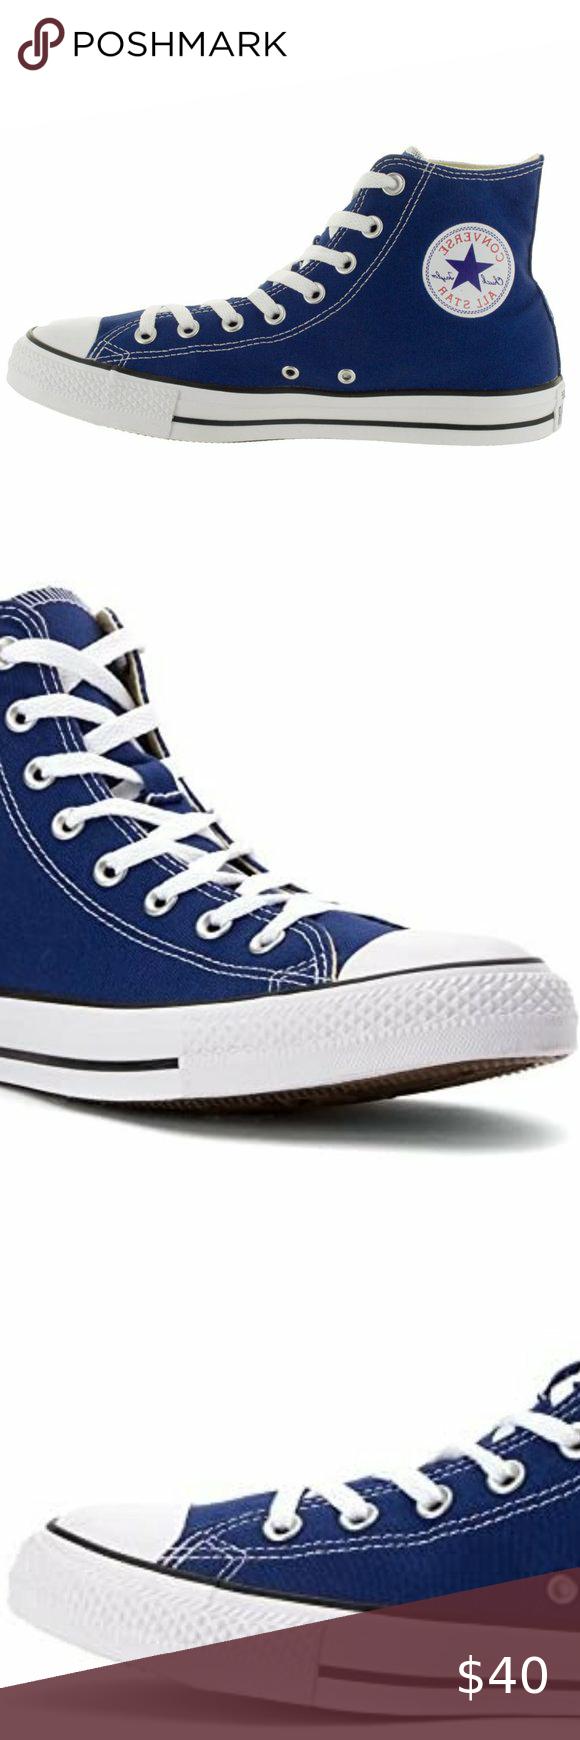 converse blu roadtrip